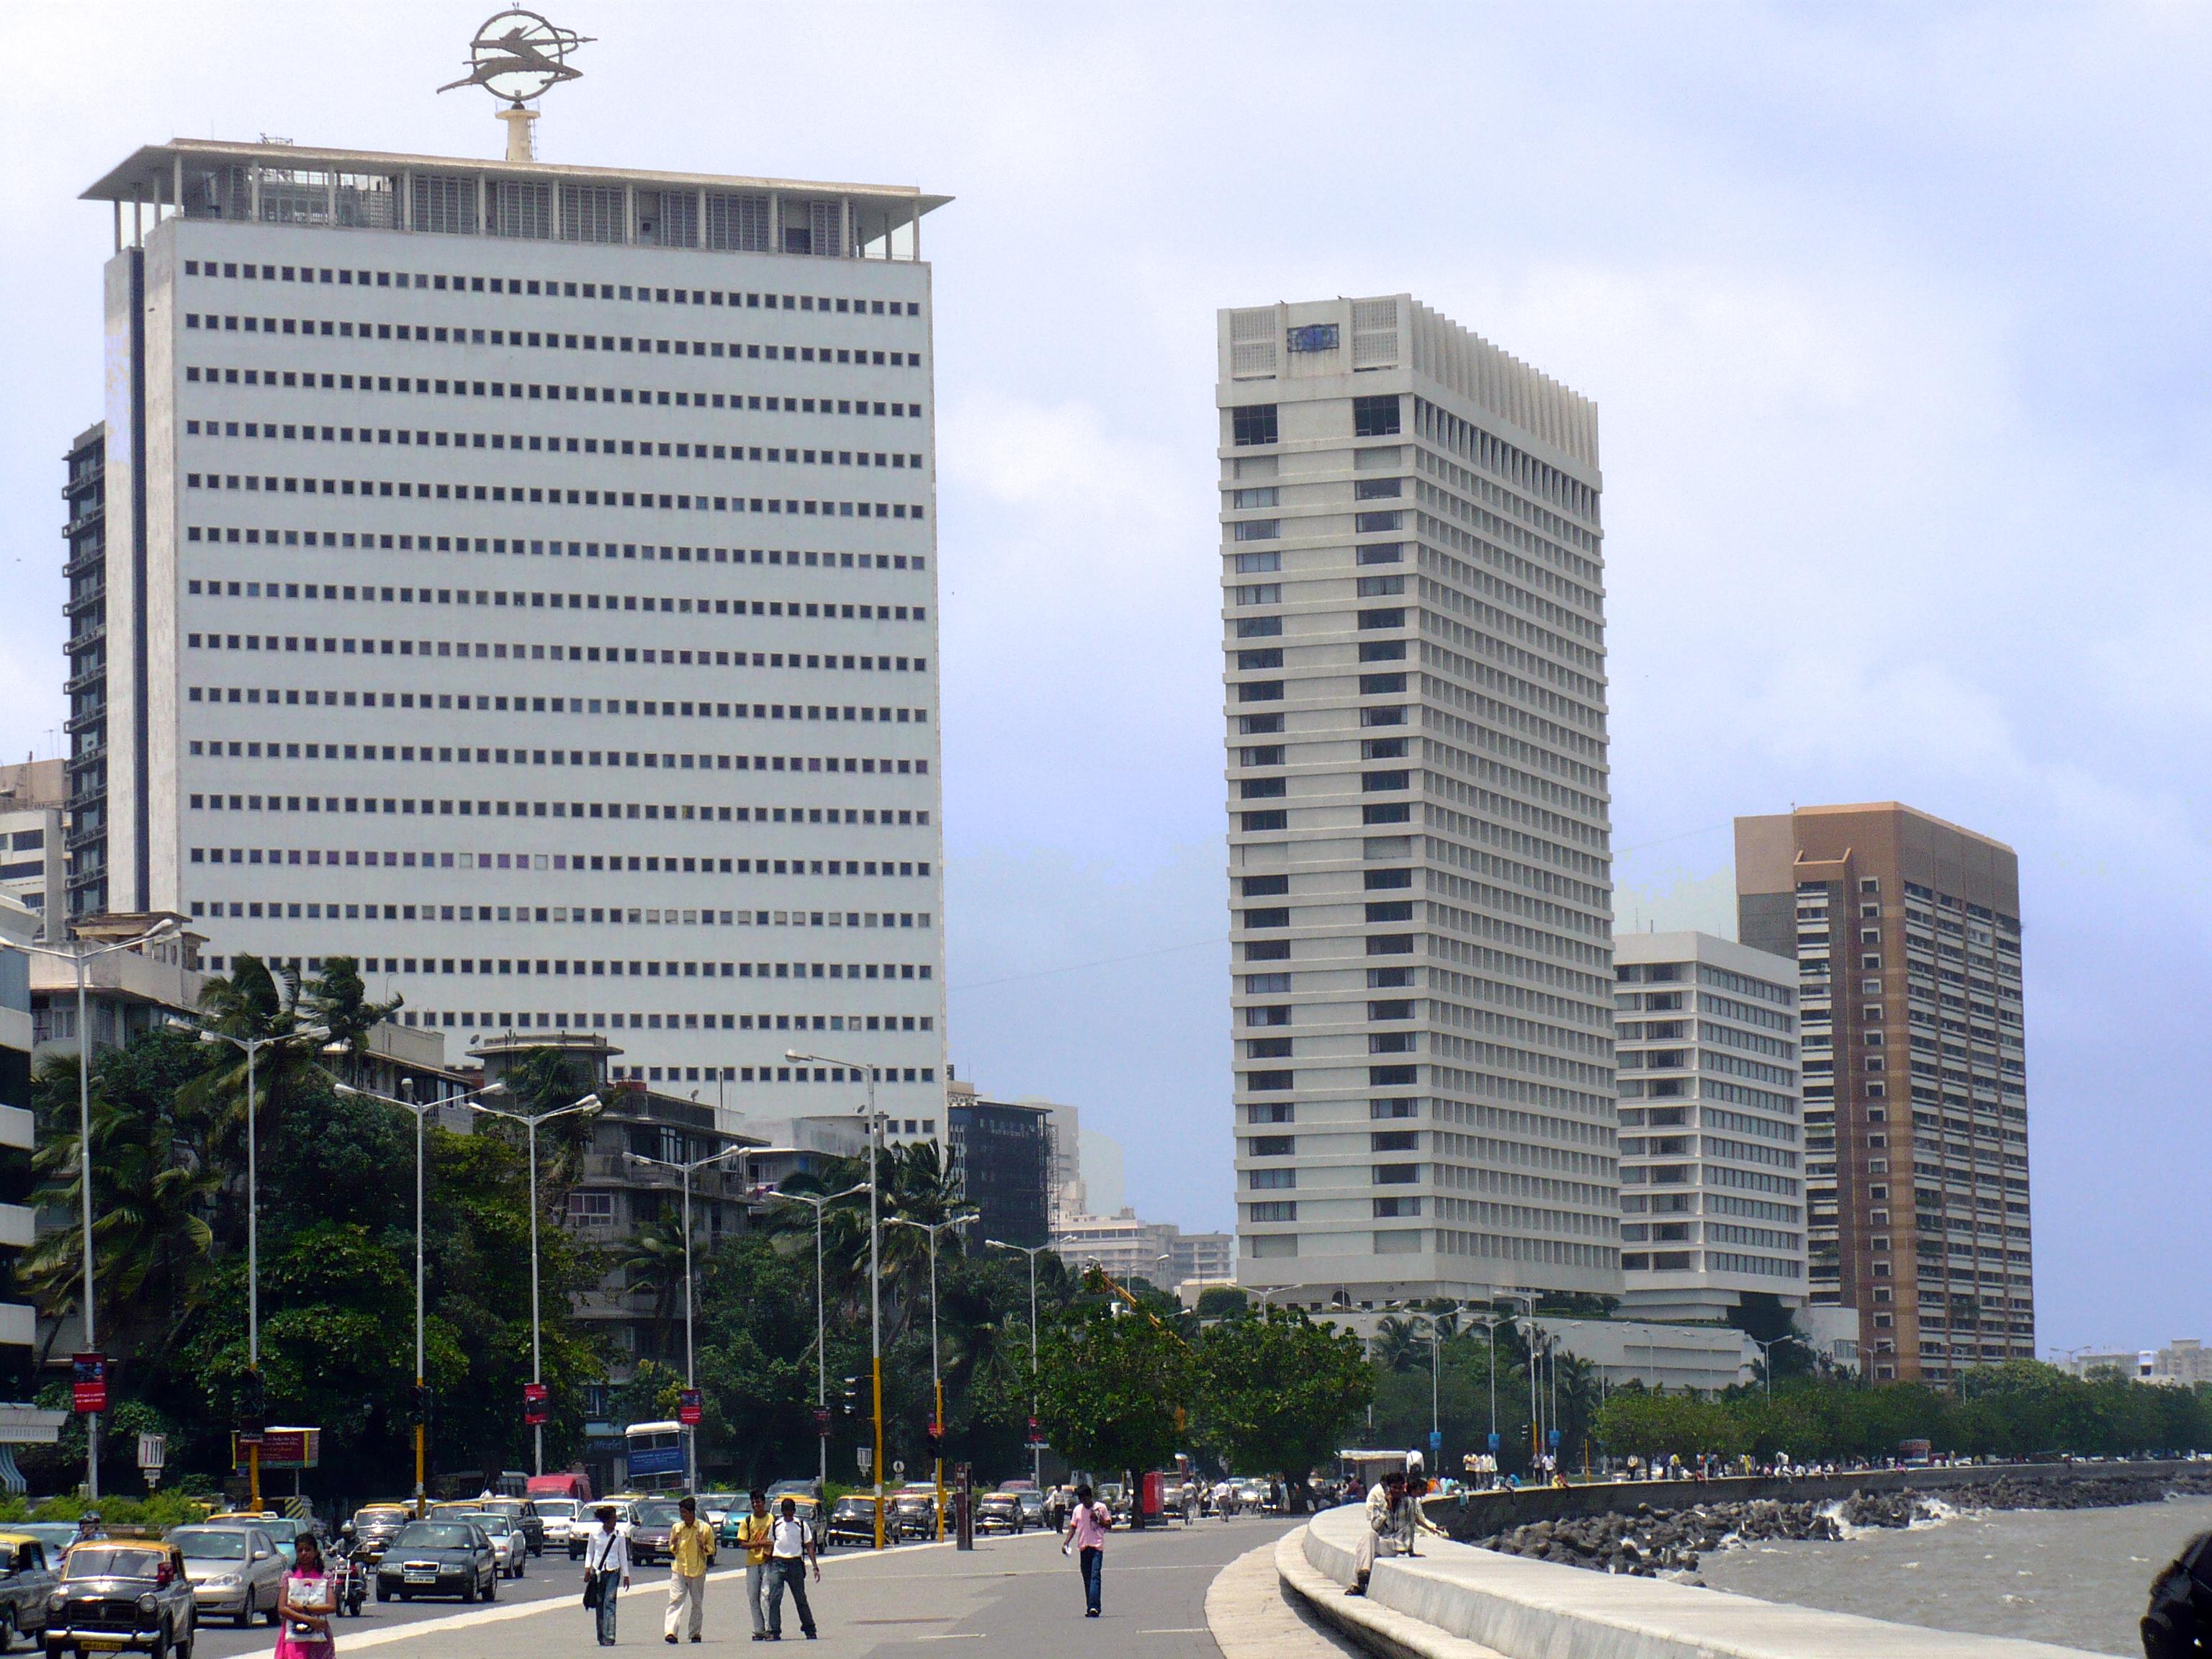 Air-India-building-Mumbai-Marine-drive